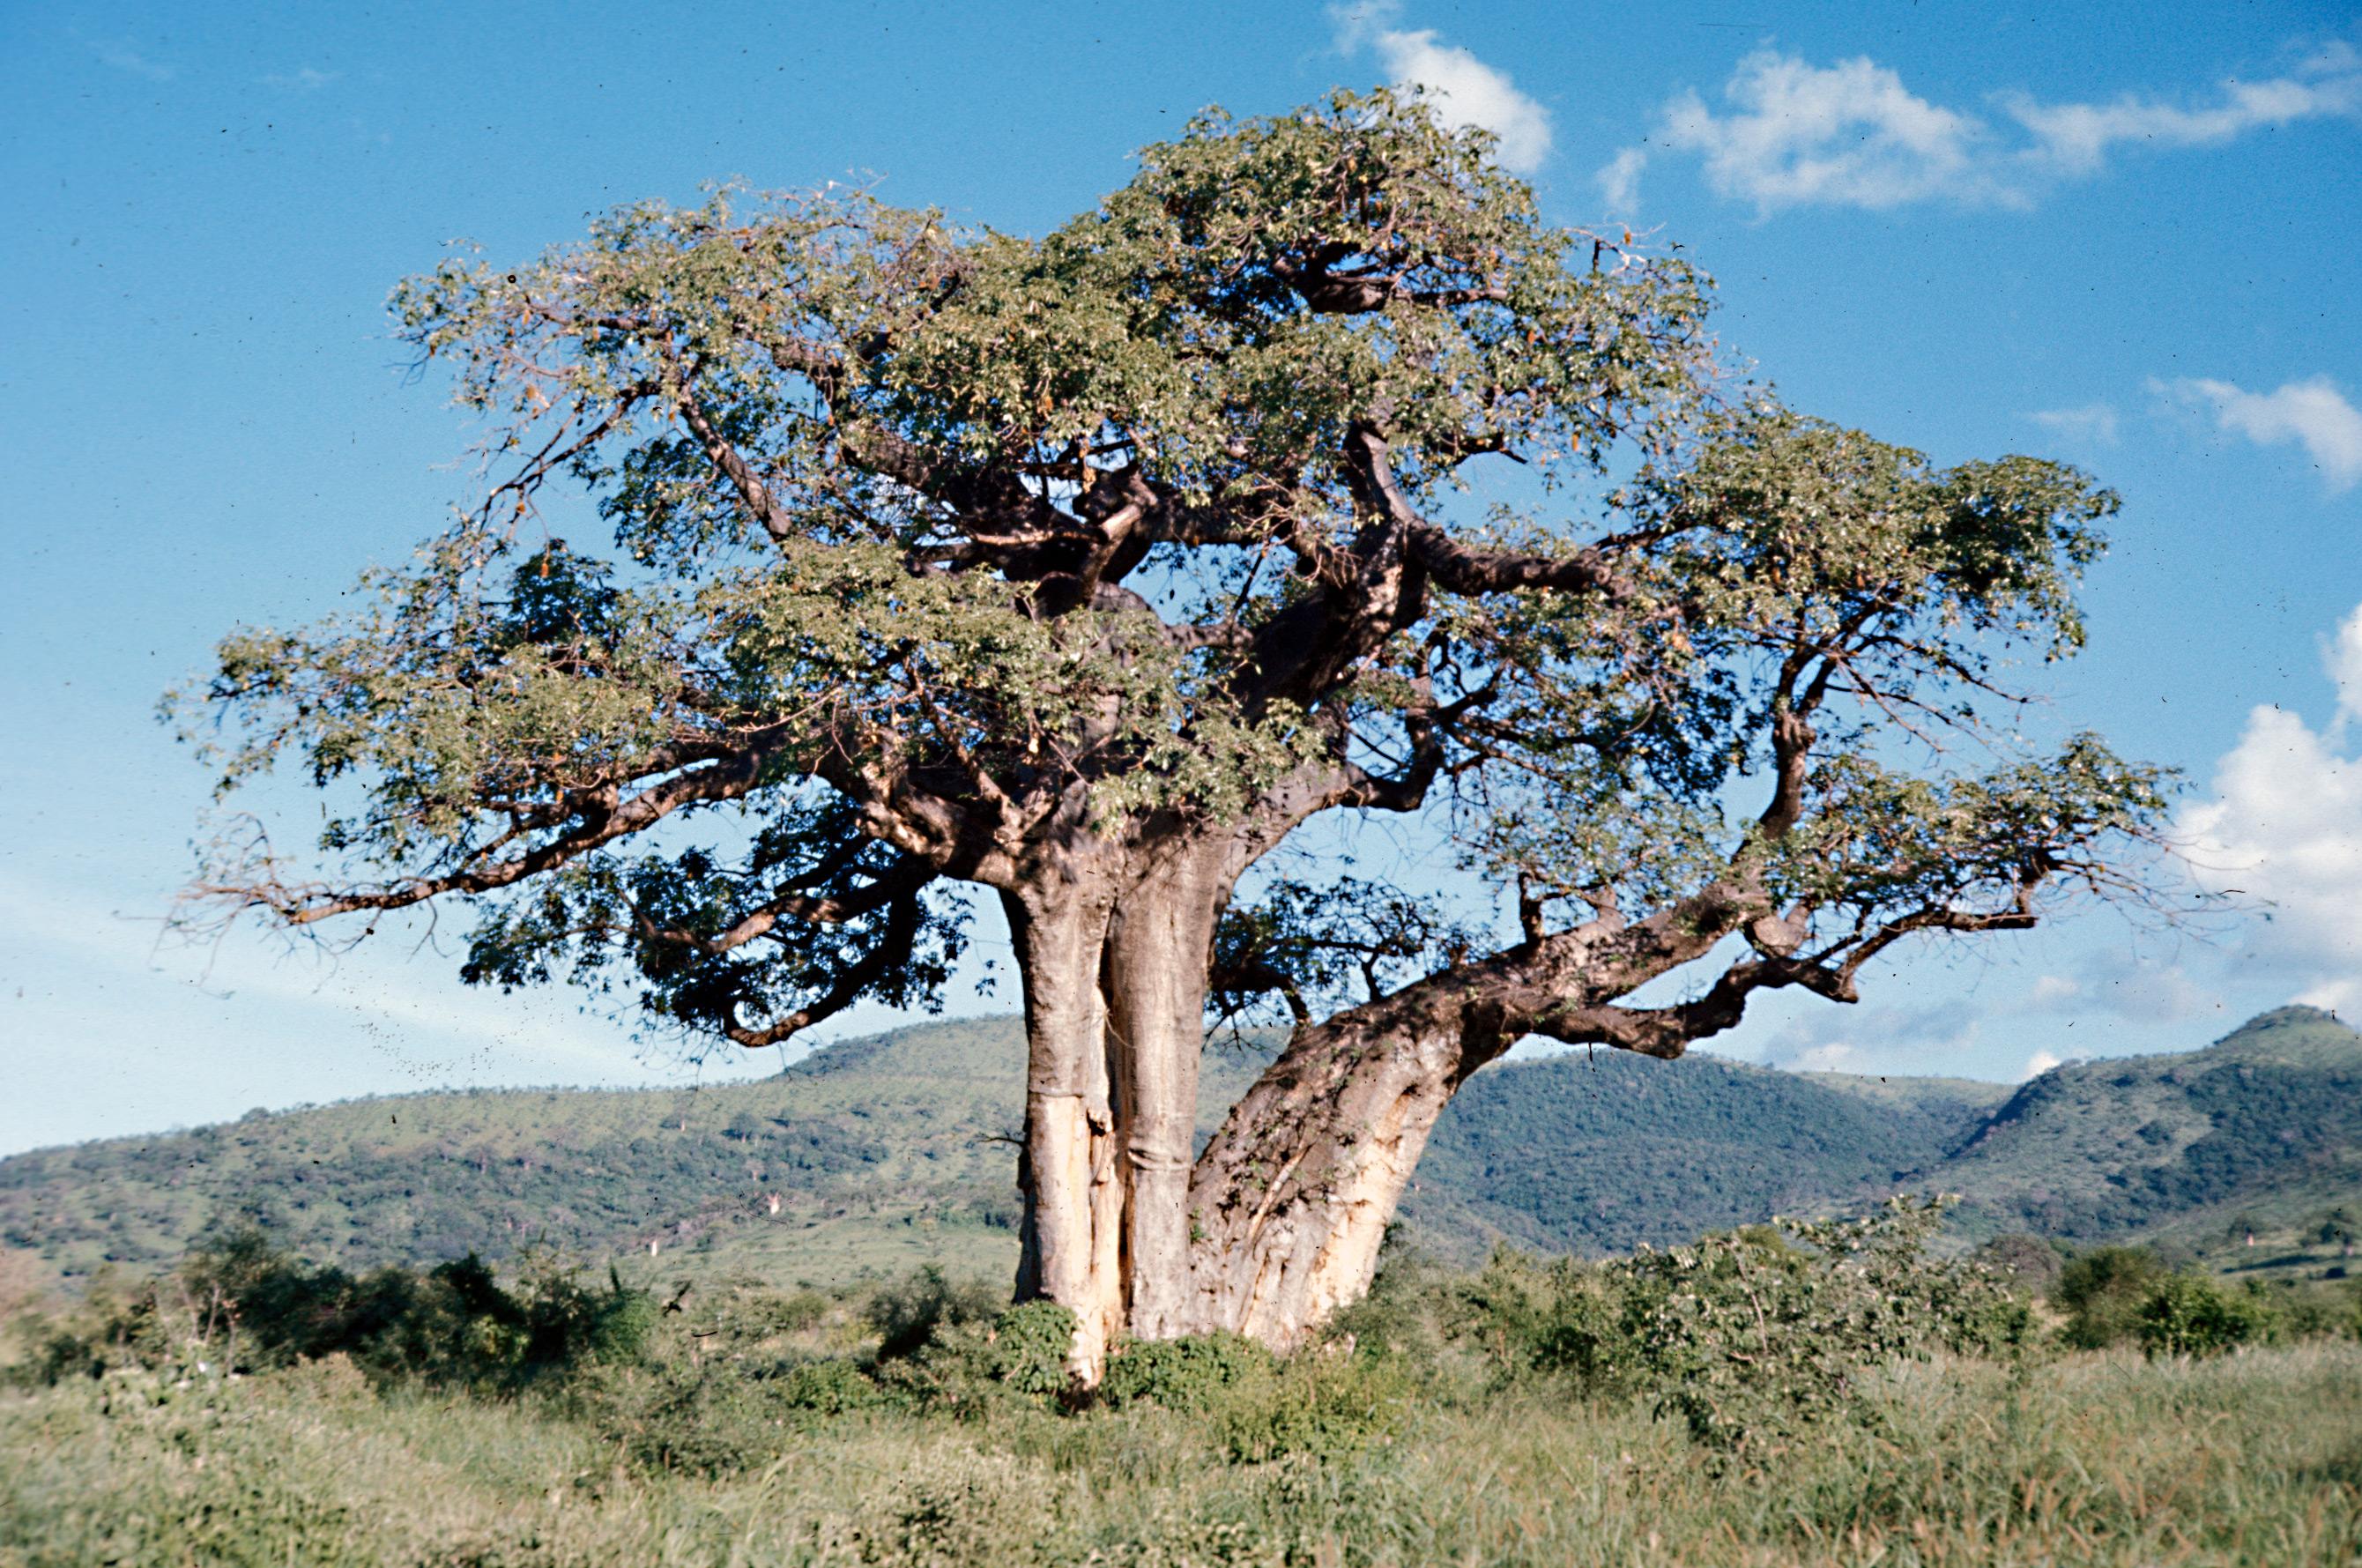 http://jrandomimage.com/images/baobab.jpg